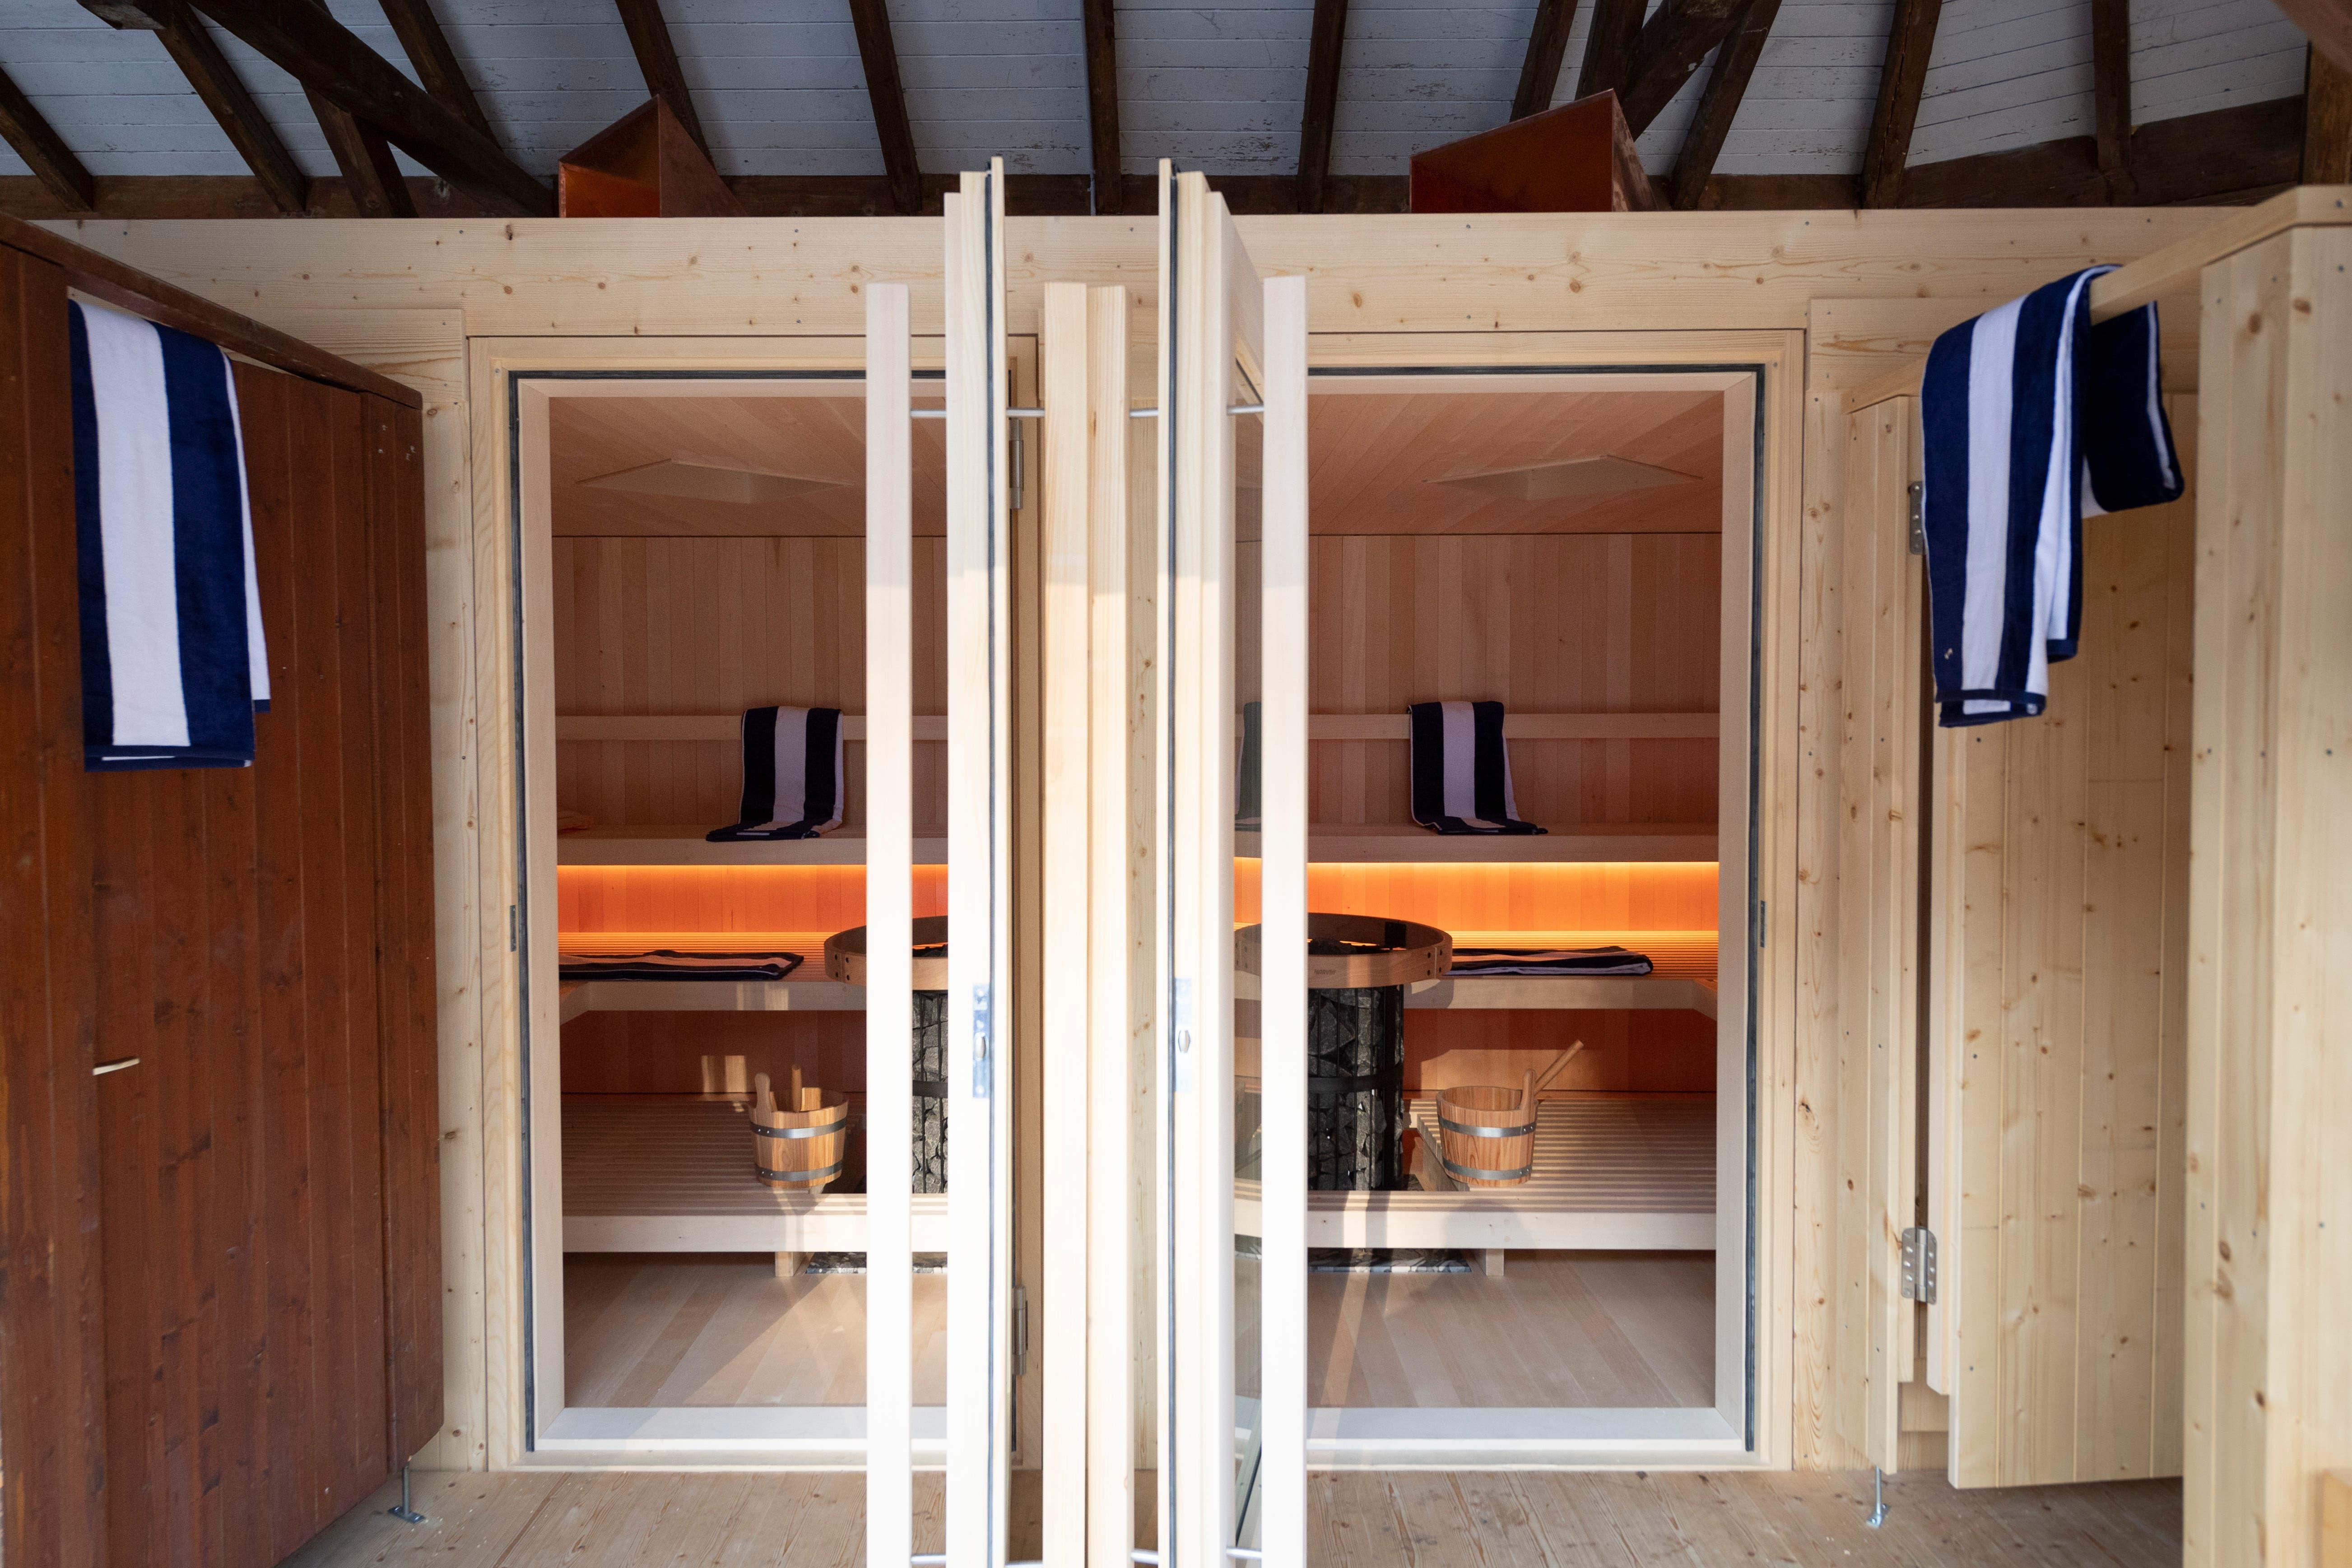 Die neue Anlage - im Bild die Eingänge in die Saunakabinen - integriert sich optimal in die historische Frauenbadhütte.